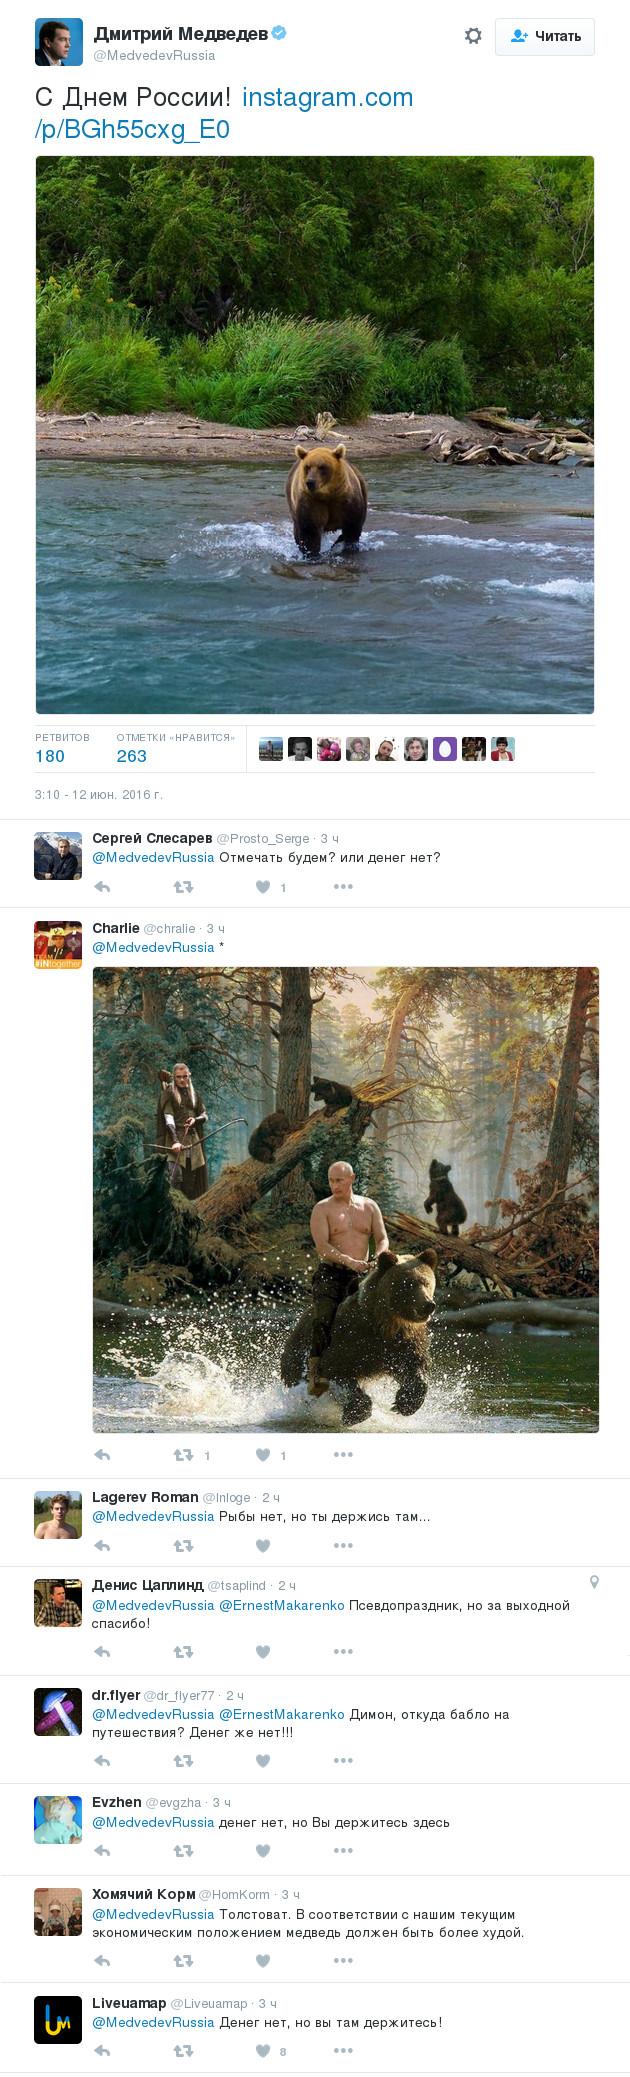 Твиты медведева и комментарии к ним